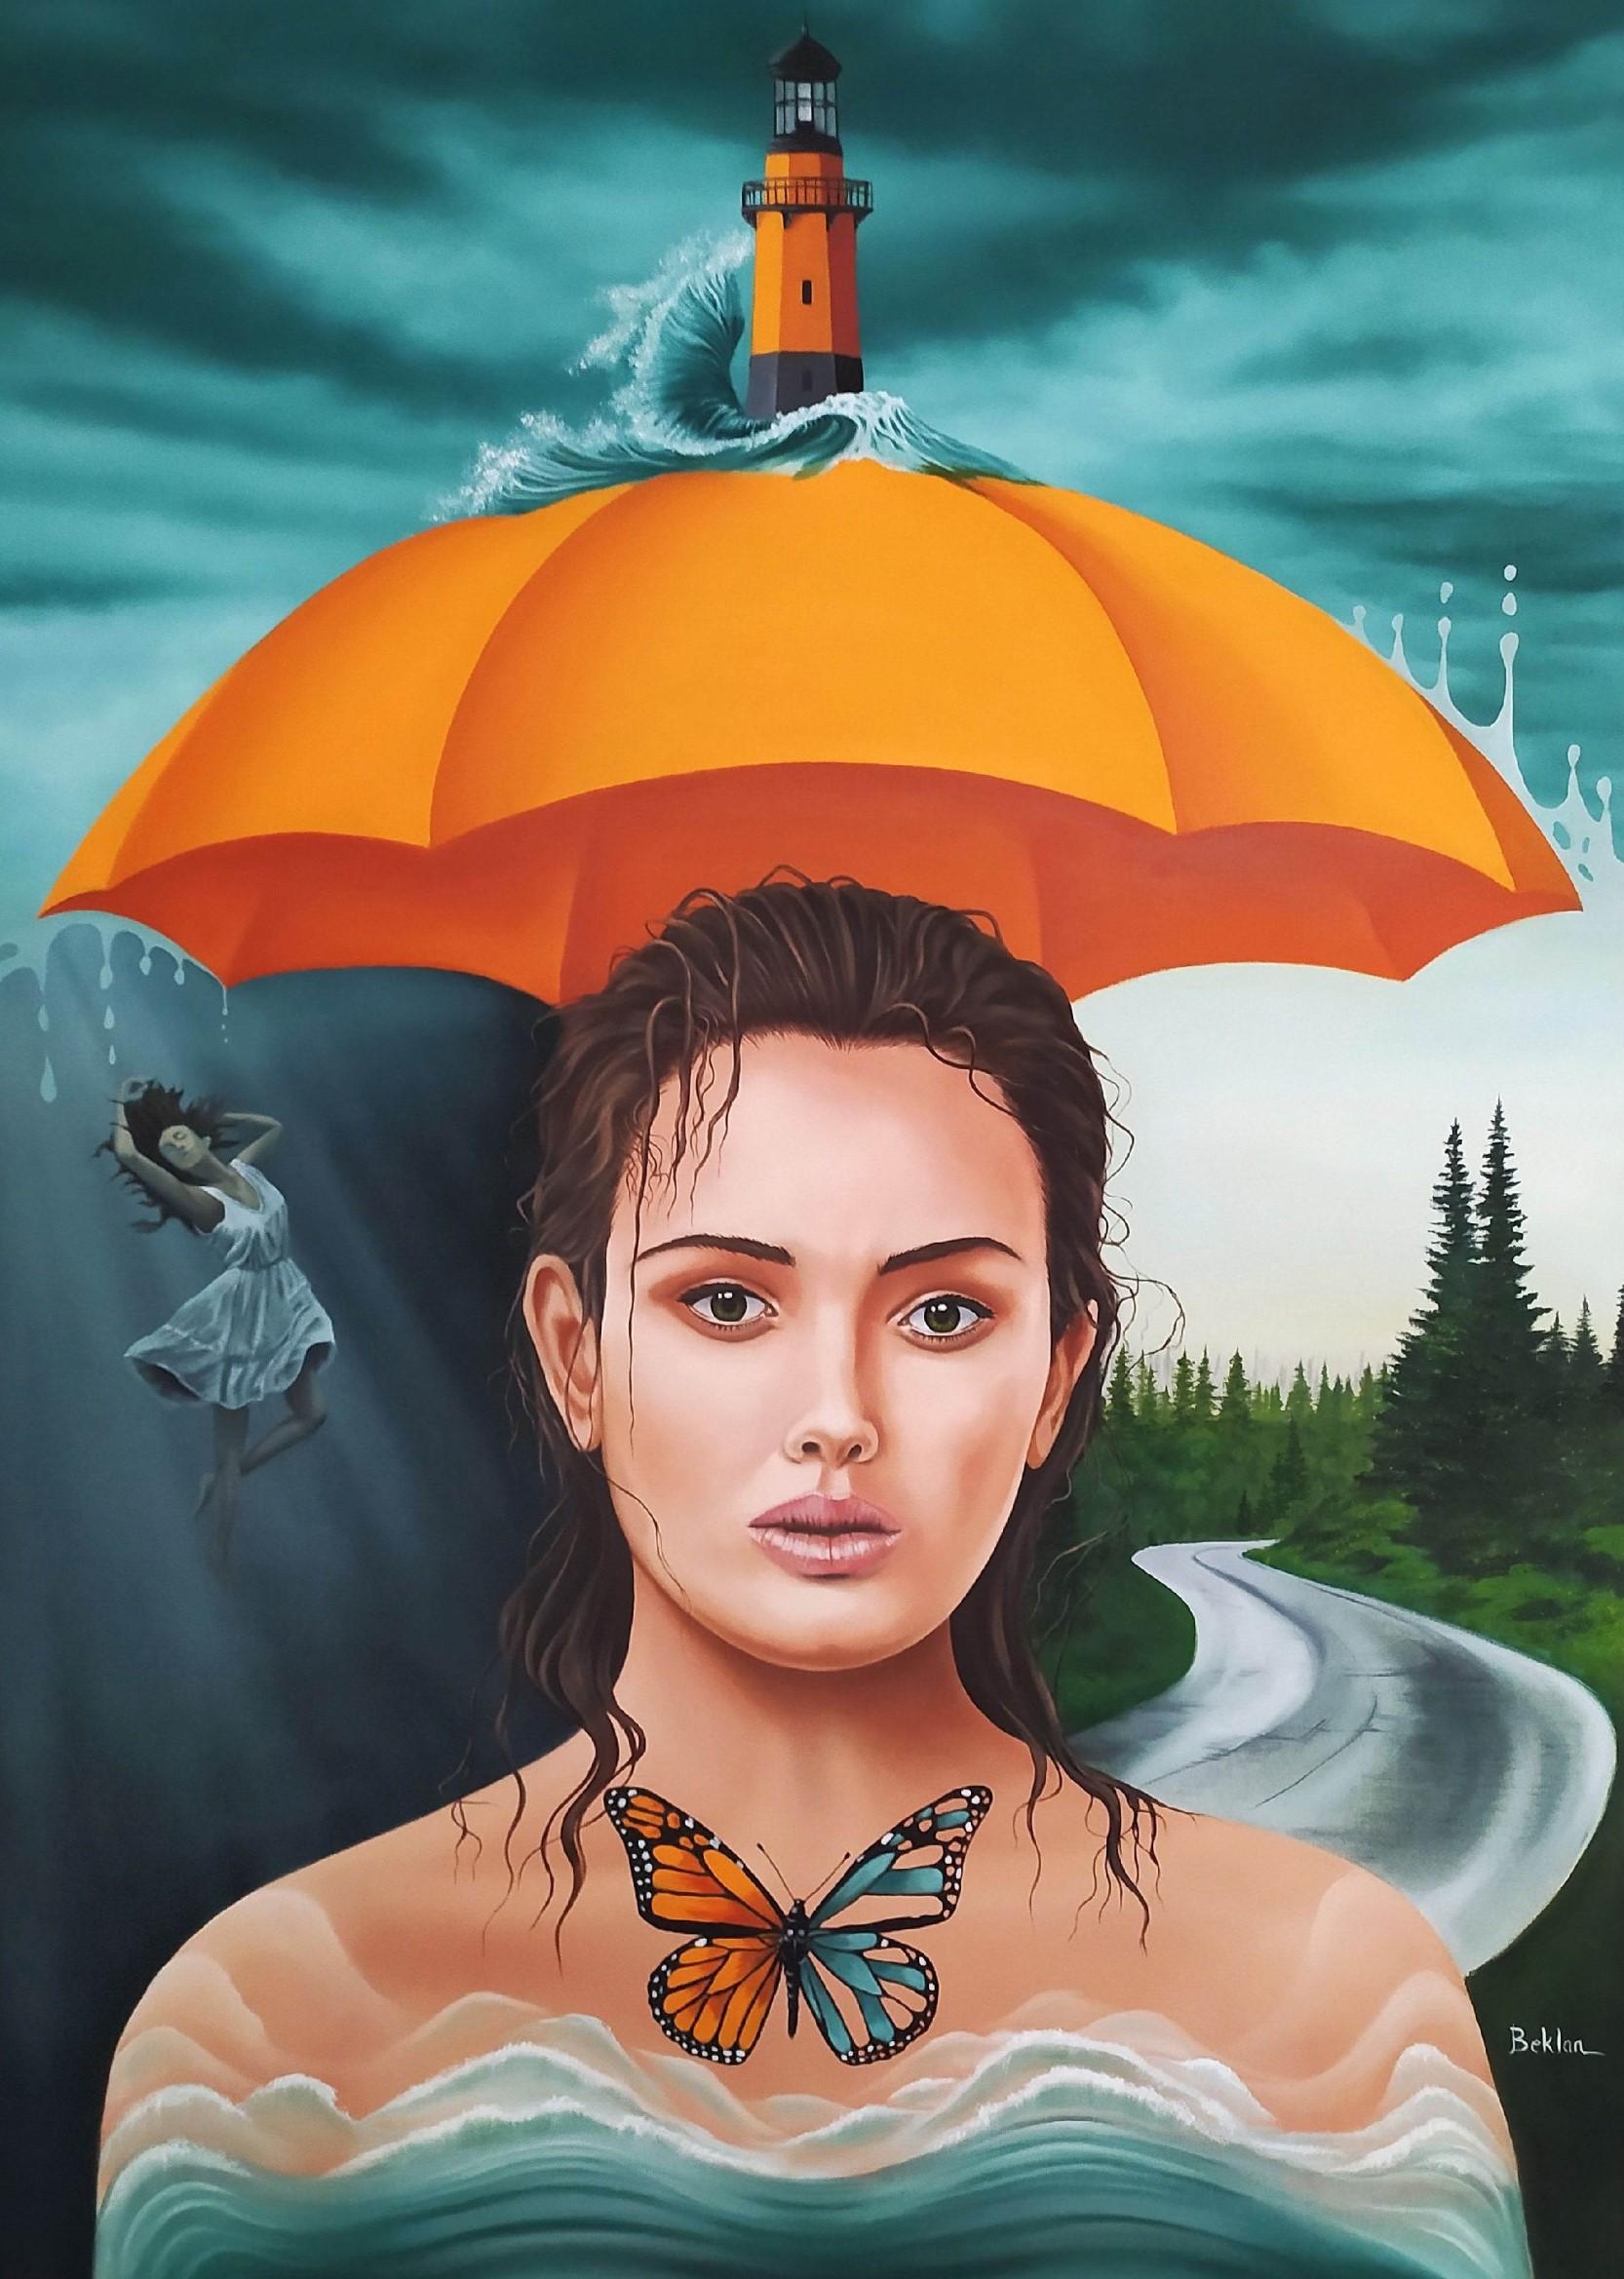 Şemsiyemin altında yolumda